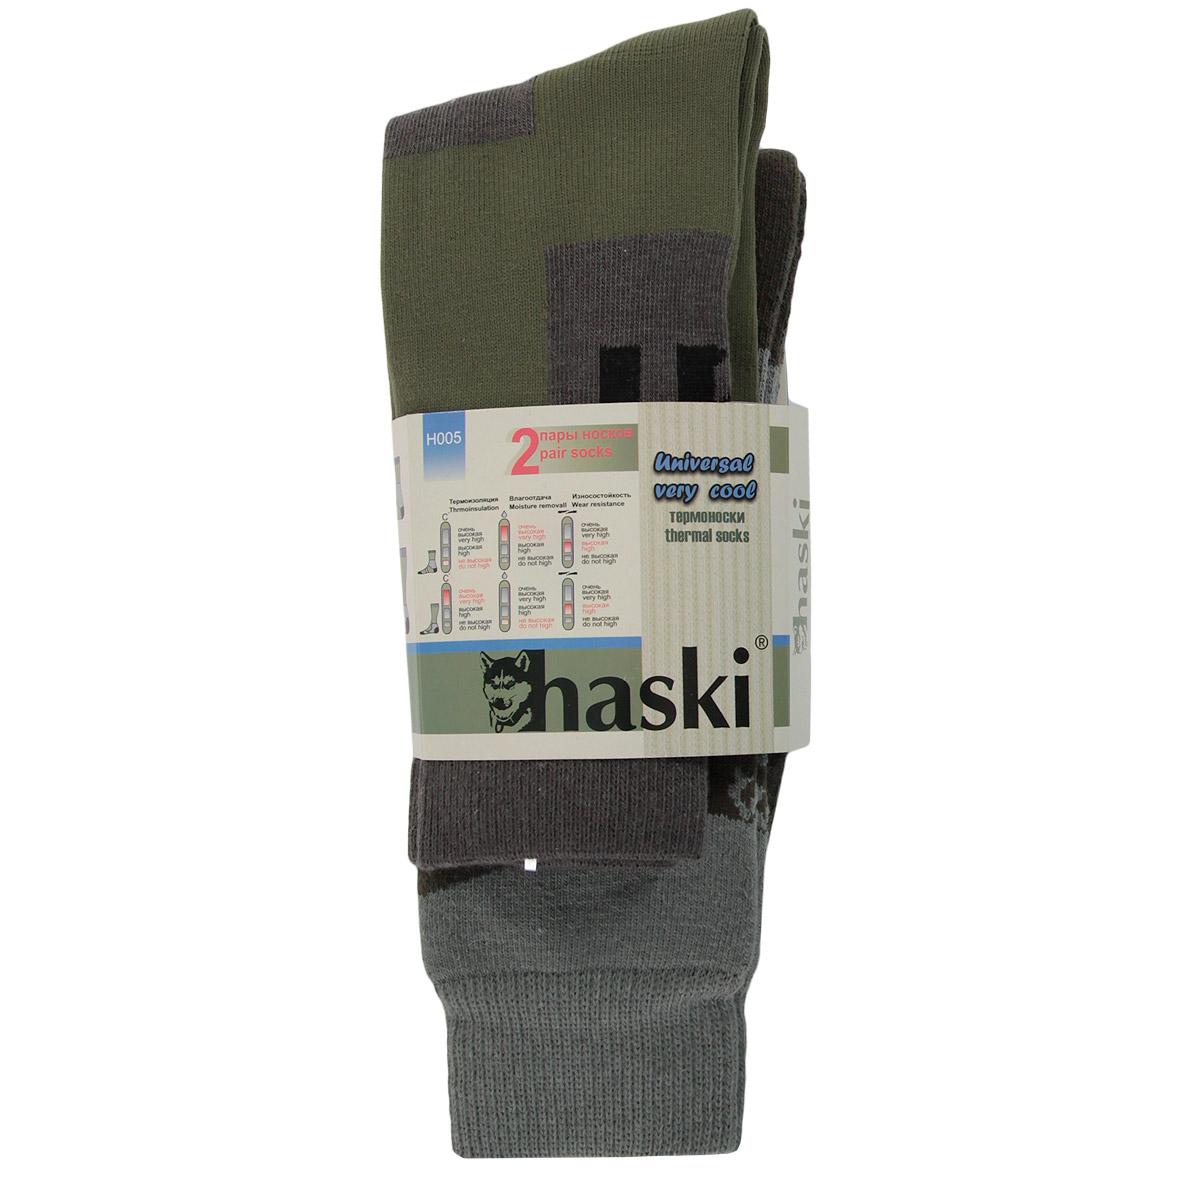 ТермоноскиН005Мужские термоноски Haski предназначены для носки длительное время в очень холодную погоду при высокой физической активности. Комплект состоит из двух моделей, одни из которых выполнены из полиамида, итальянской шерсти и лайкры, а другие из полиамида, шерсти мериносов и лайкры. Внутренний носок более тонкого плетения, в котором нога остается сухой при интенсивной ходьбе и беге, благодаря сочетанию высокотехнологичных влагоотводящих материалов. Внешний носок более толстого плетения сохраняет тепло, многозональная структура носка позволяет рационально распределять различные виды нитей для обеспечения максимального комфорта. Благодаря сочетанию двух моделей комплект функционален и удобен.